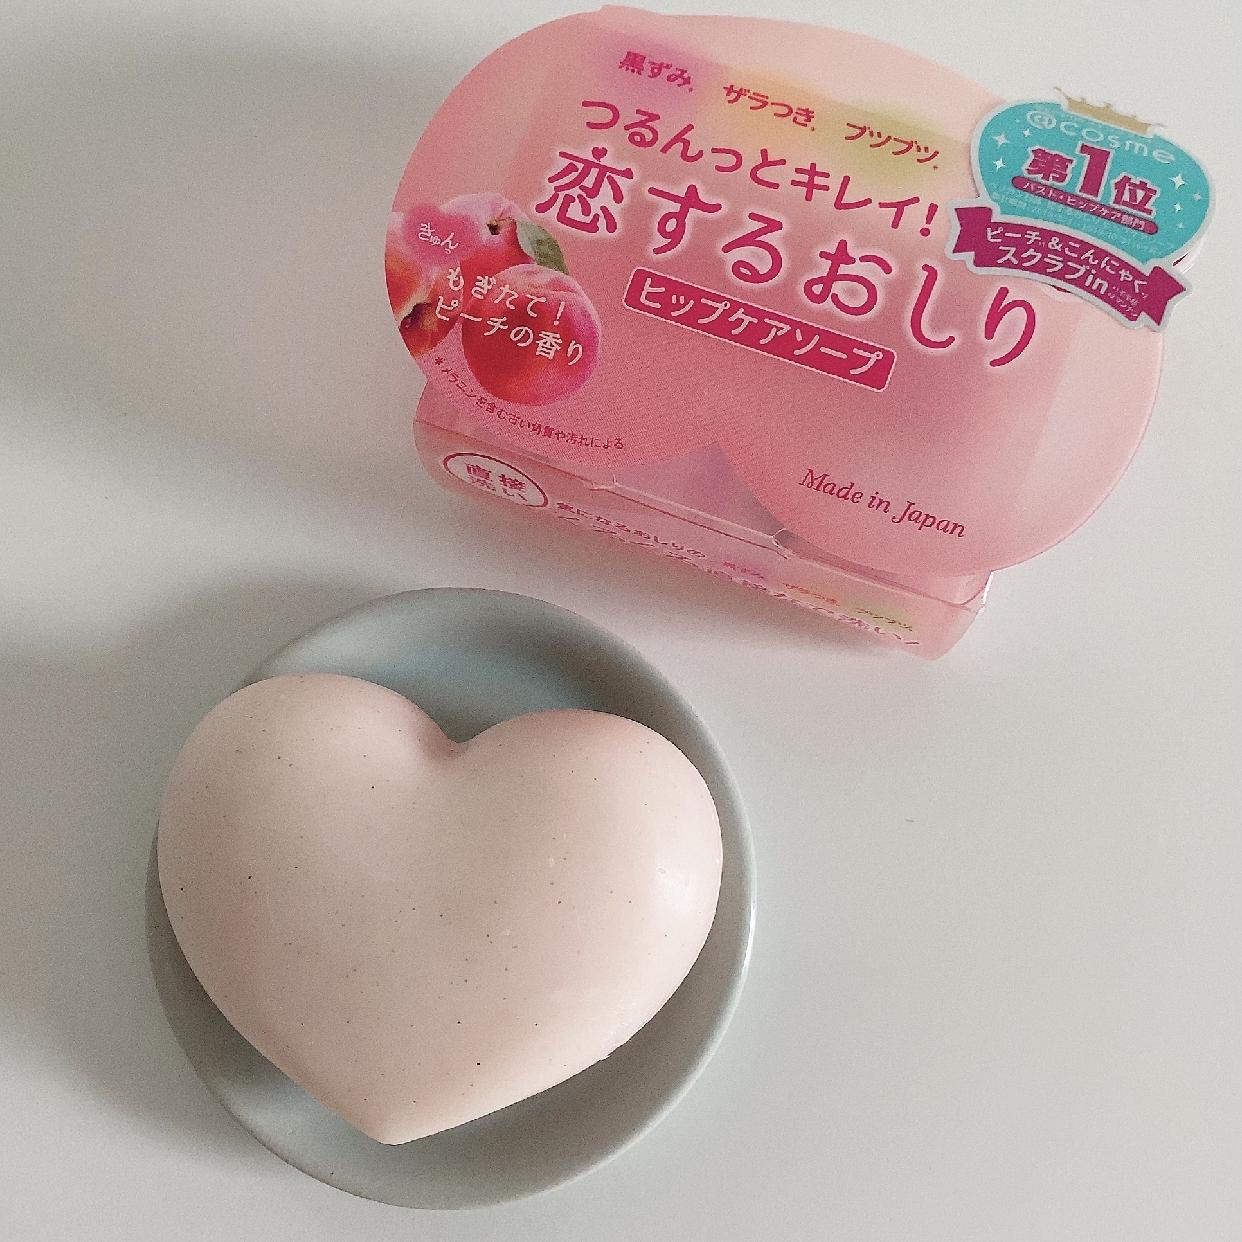 ペリカン石鹸(PELICAN SOAP) 恋するおしり ヒップケアソープを使ったスピリチュアルカウンセラーあいさんのクチコミ画像